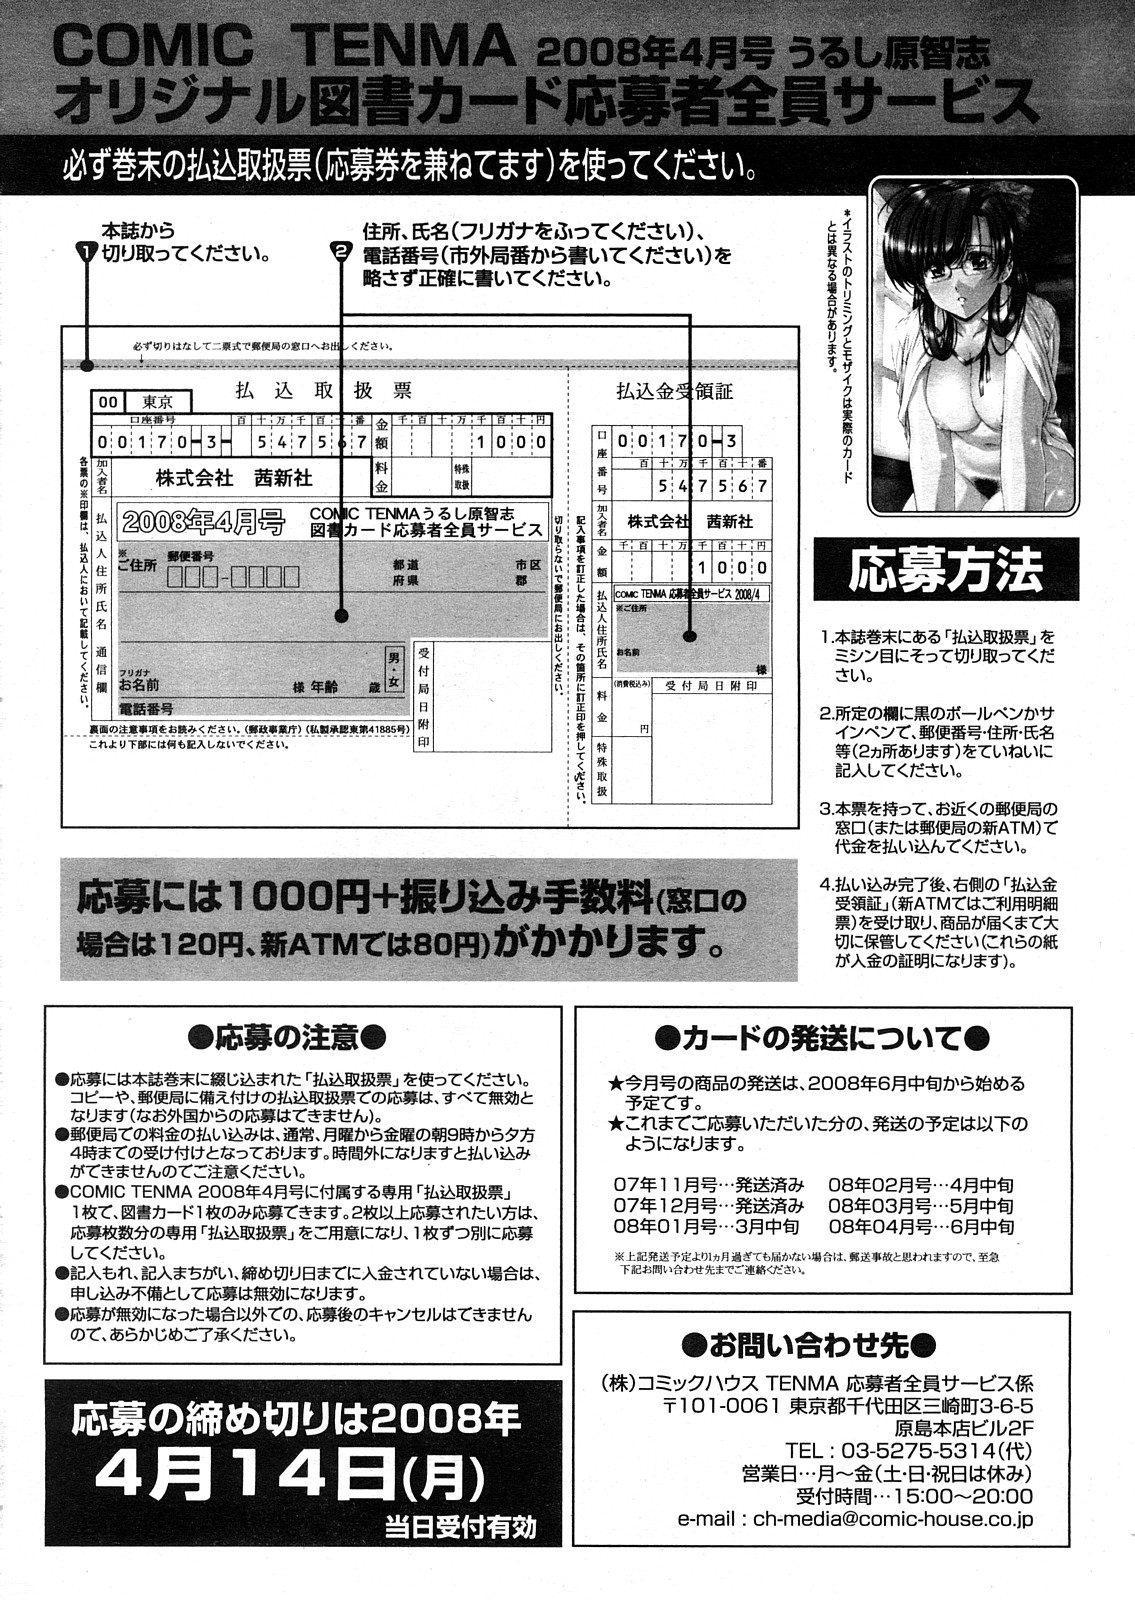 COMIC TENMA 2008-04 434